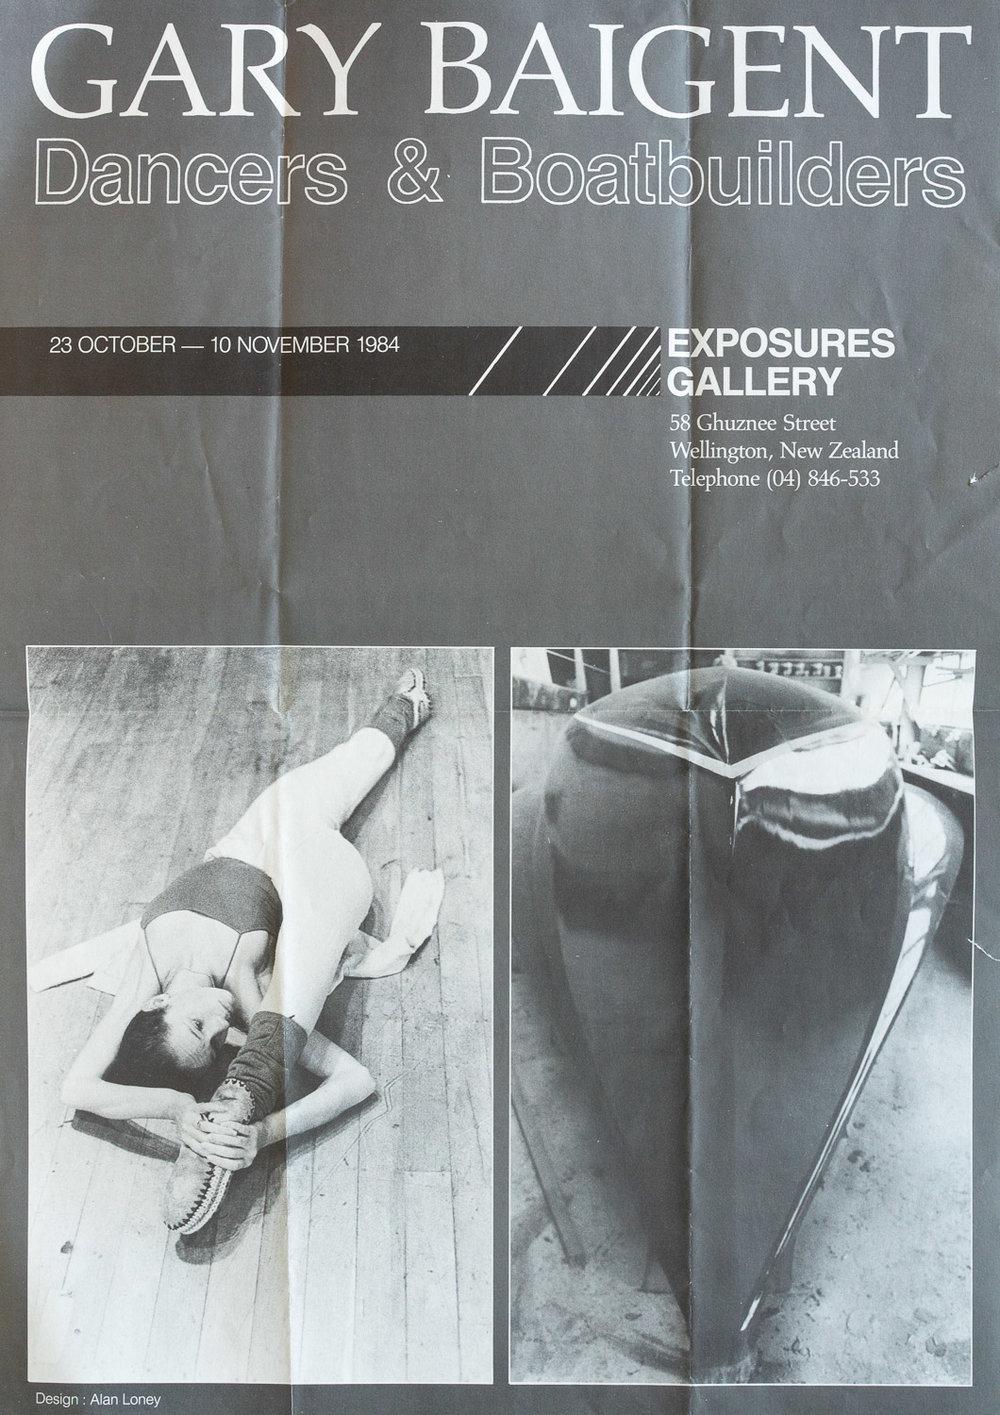 Gary BaigentDancers & Boatbuilders23 October – 10 November, 1984. Design: Alan Loney